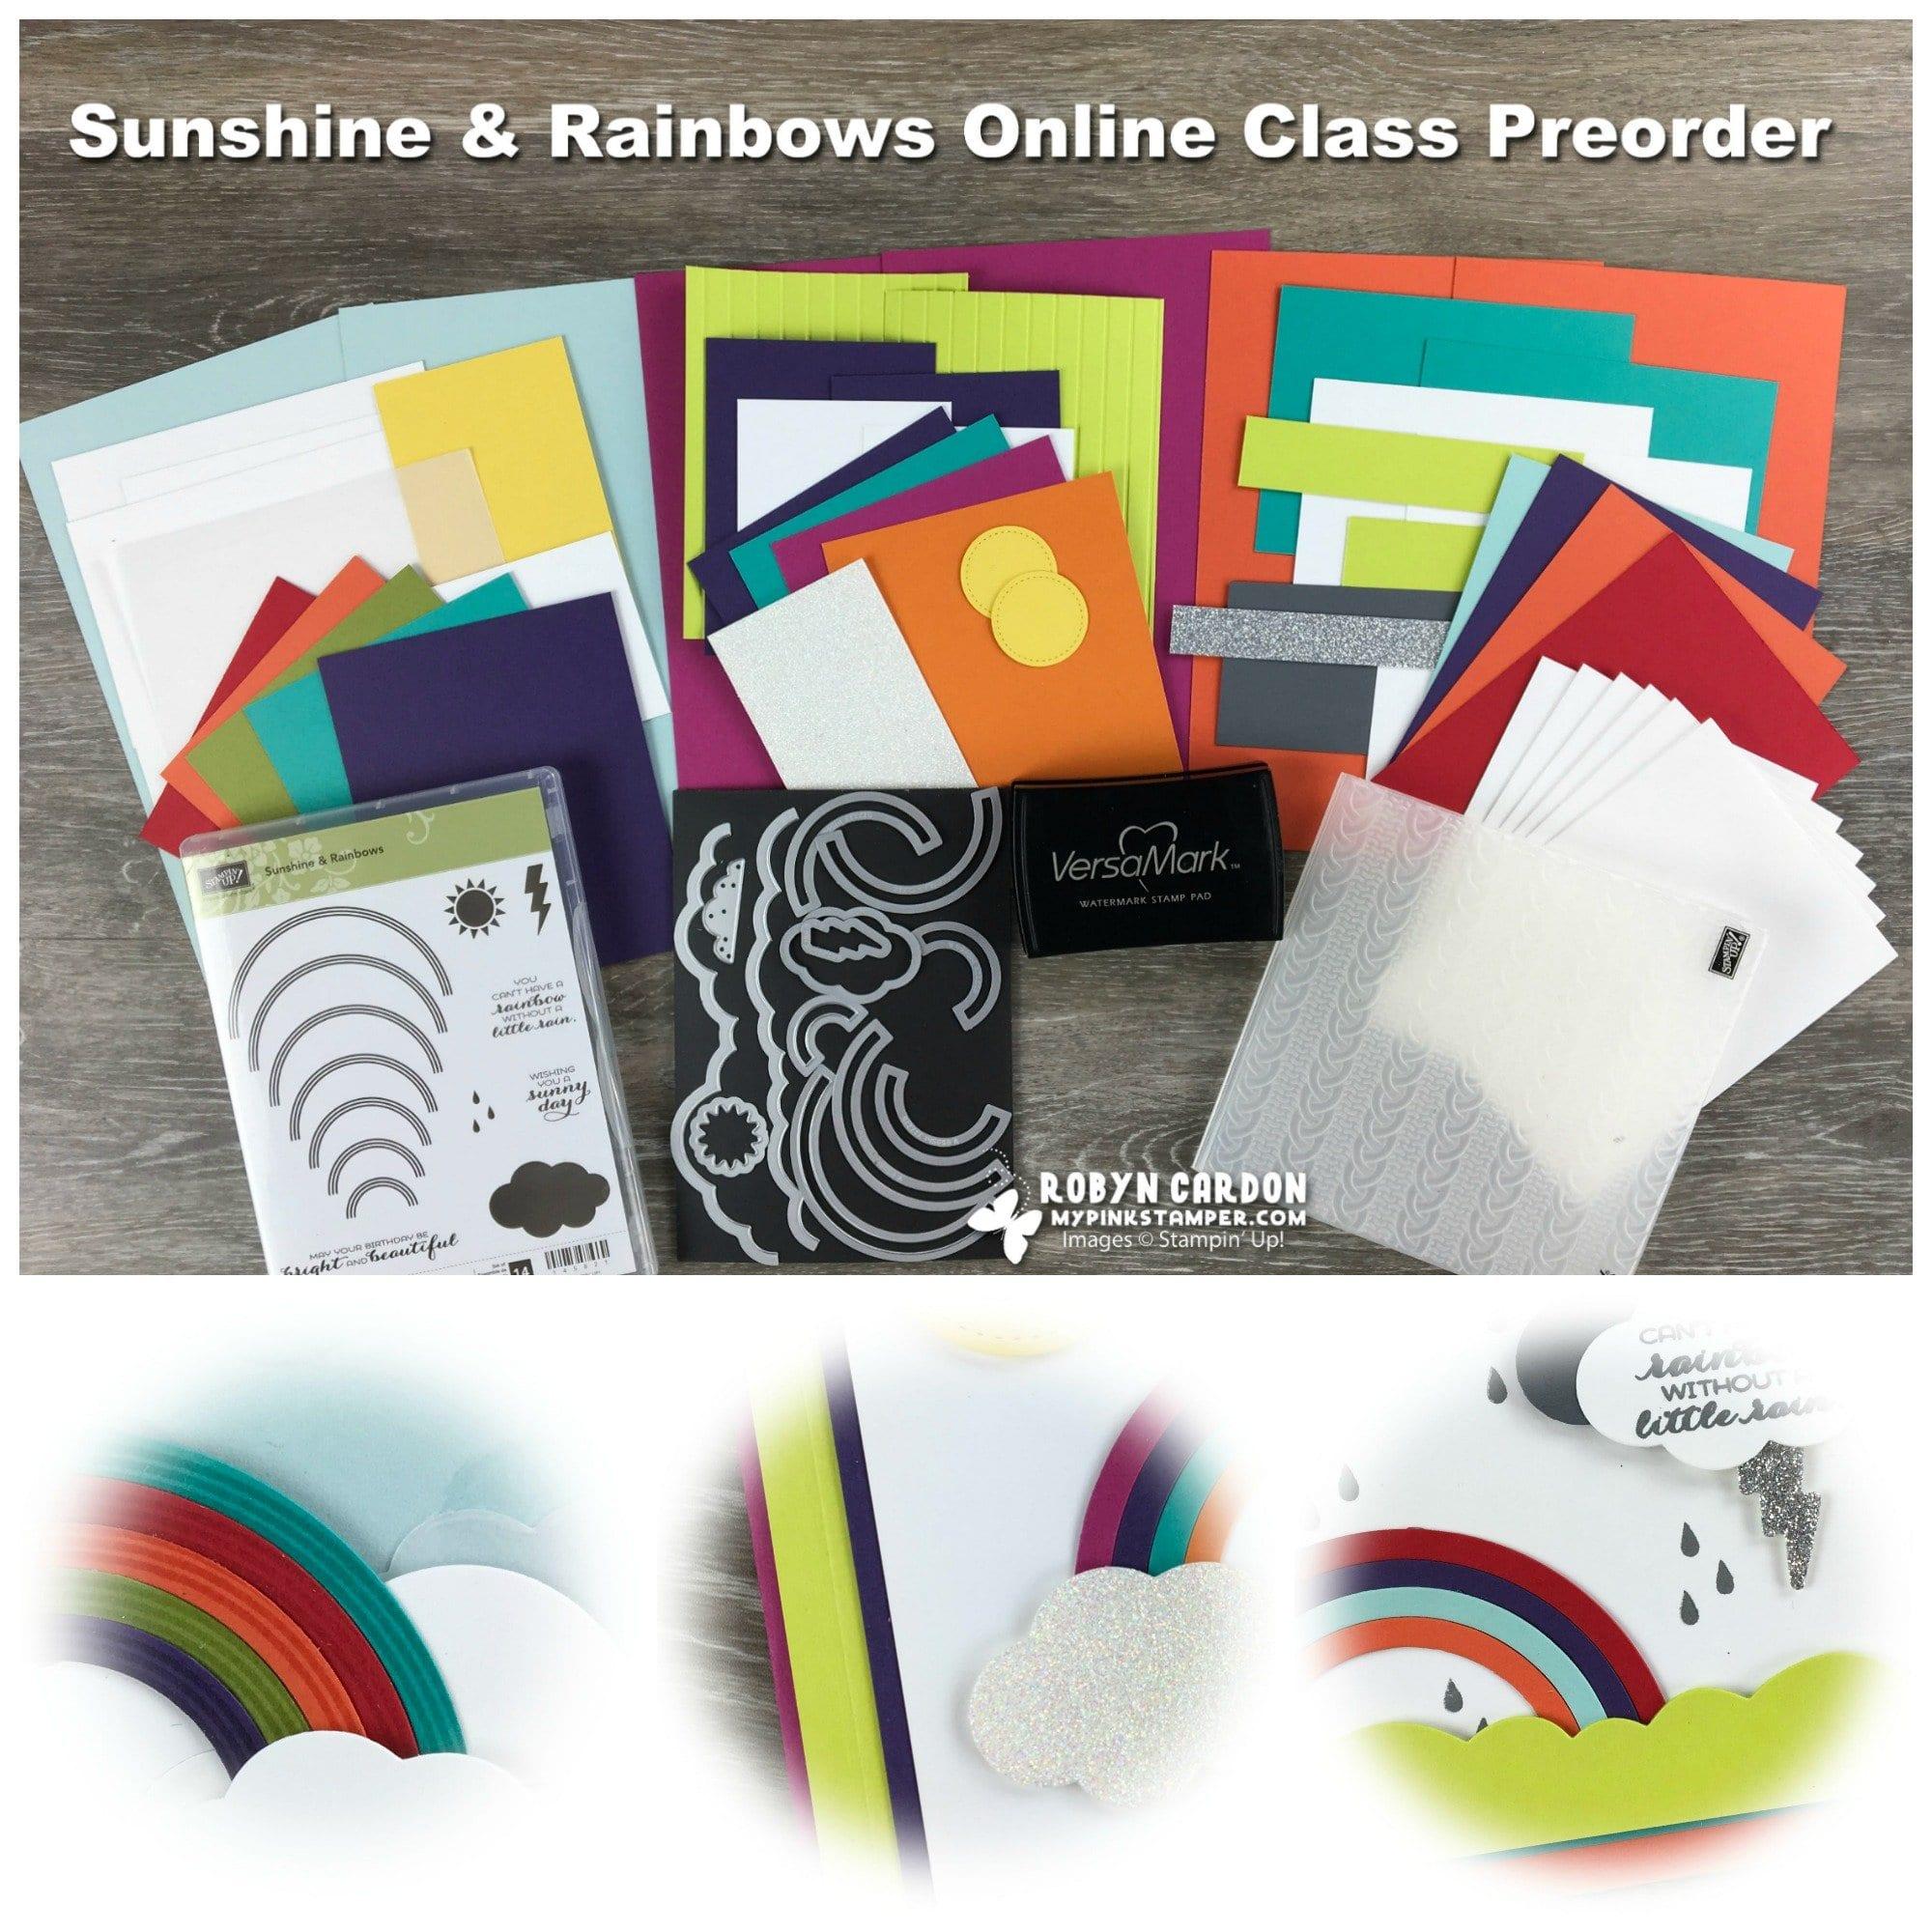 Sunshine & Rainbows Online Class Preorder